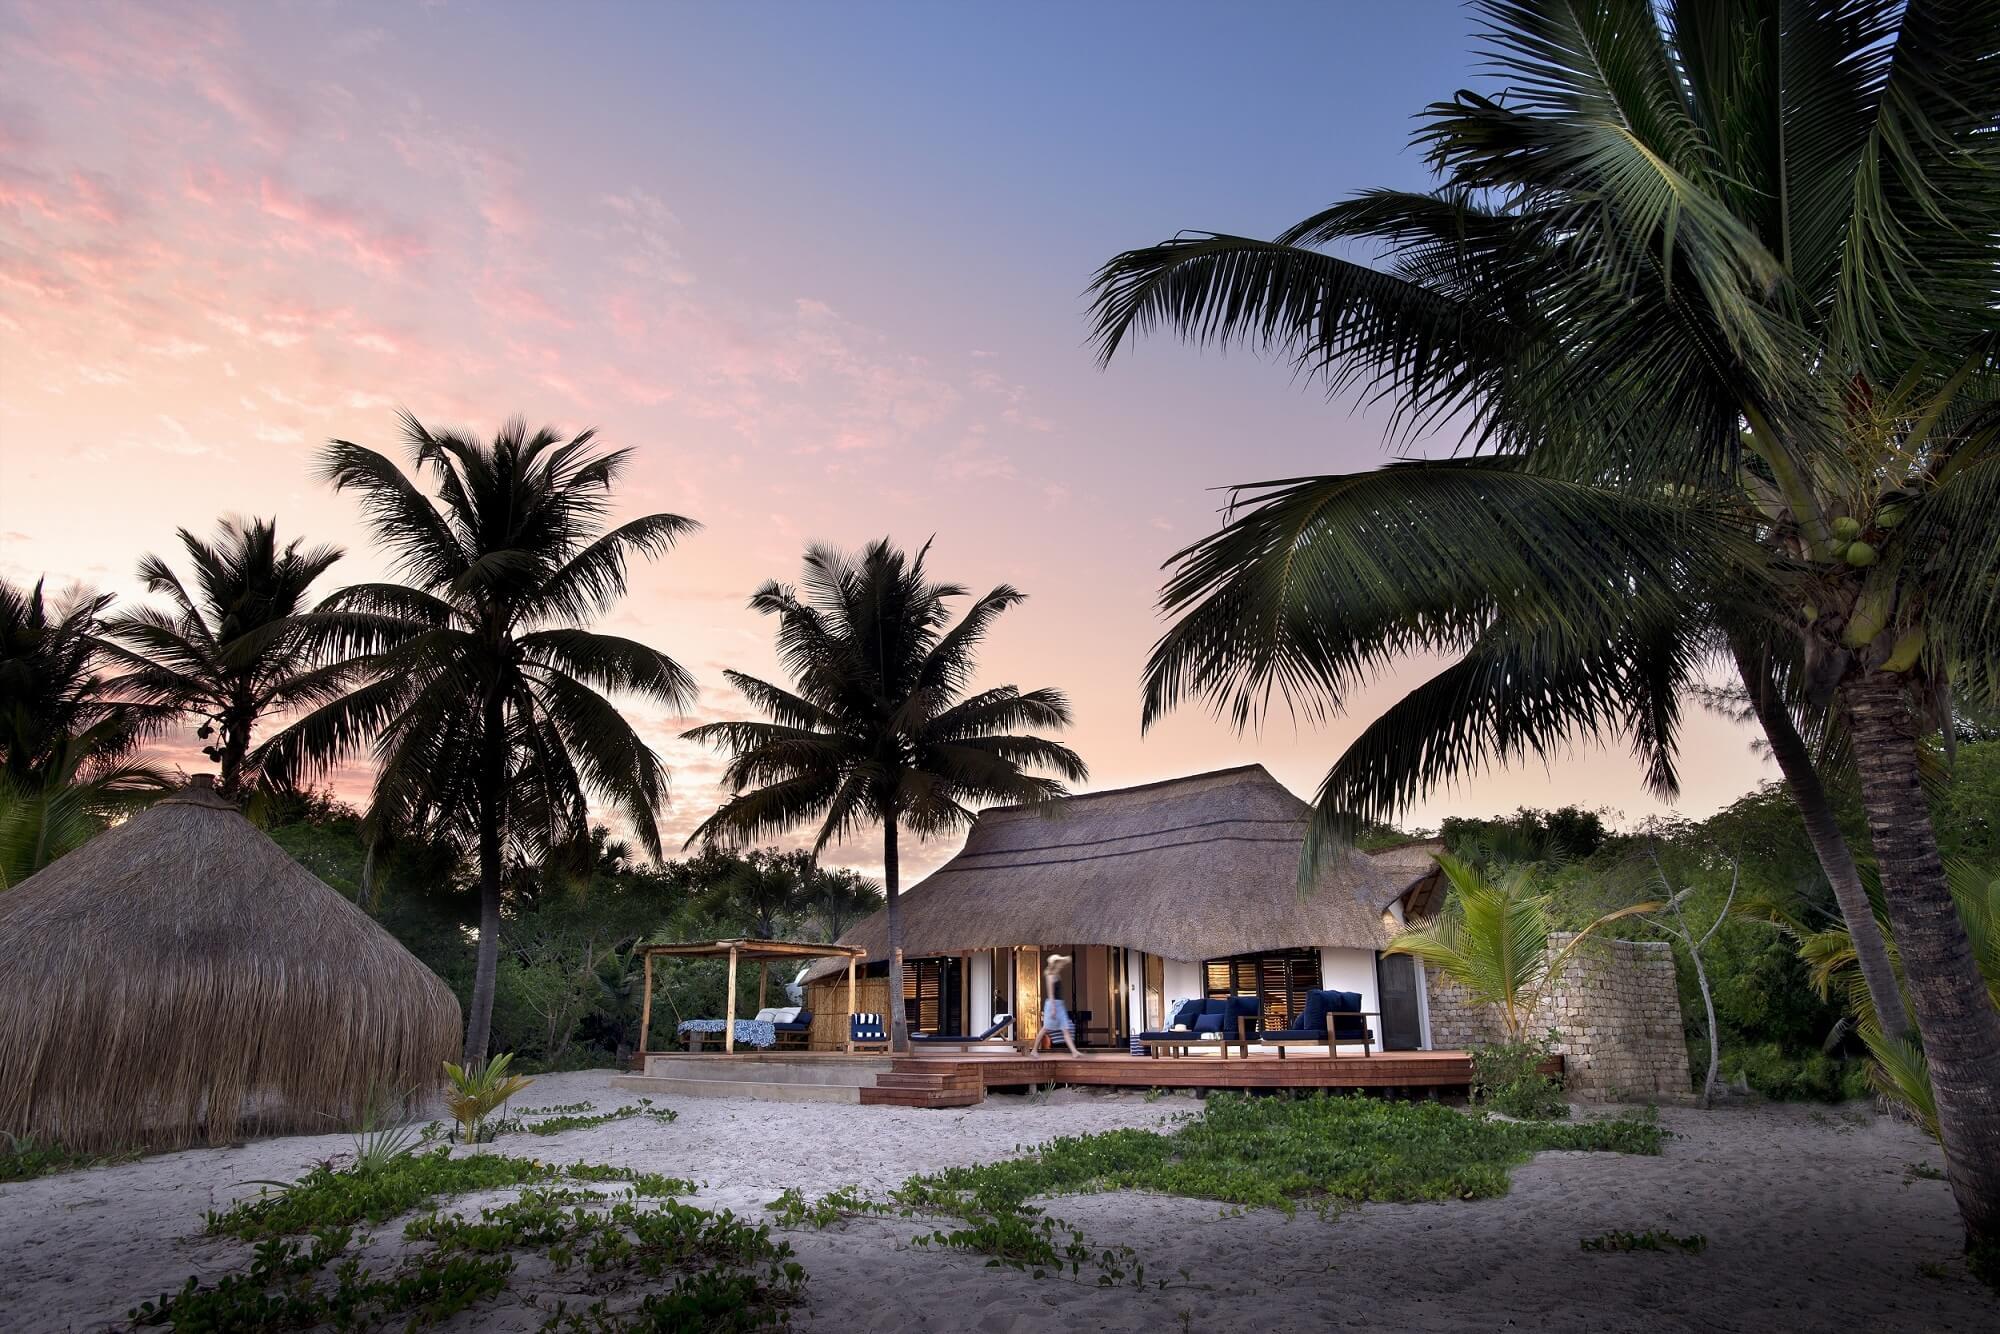 Casinha-Benguerra-Island-Mozambique.jpg